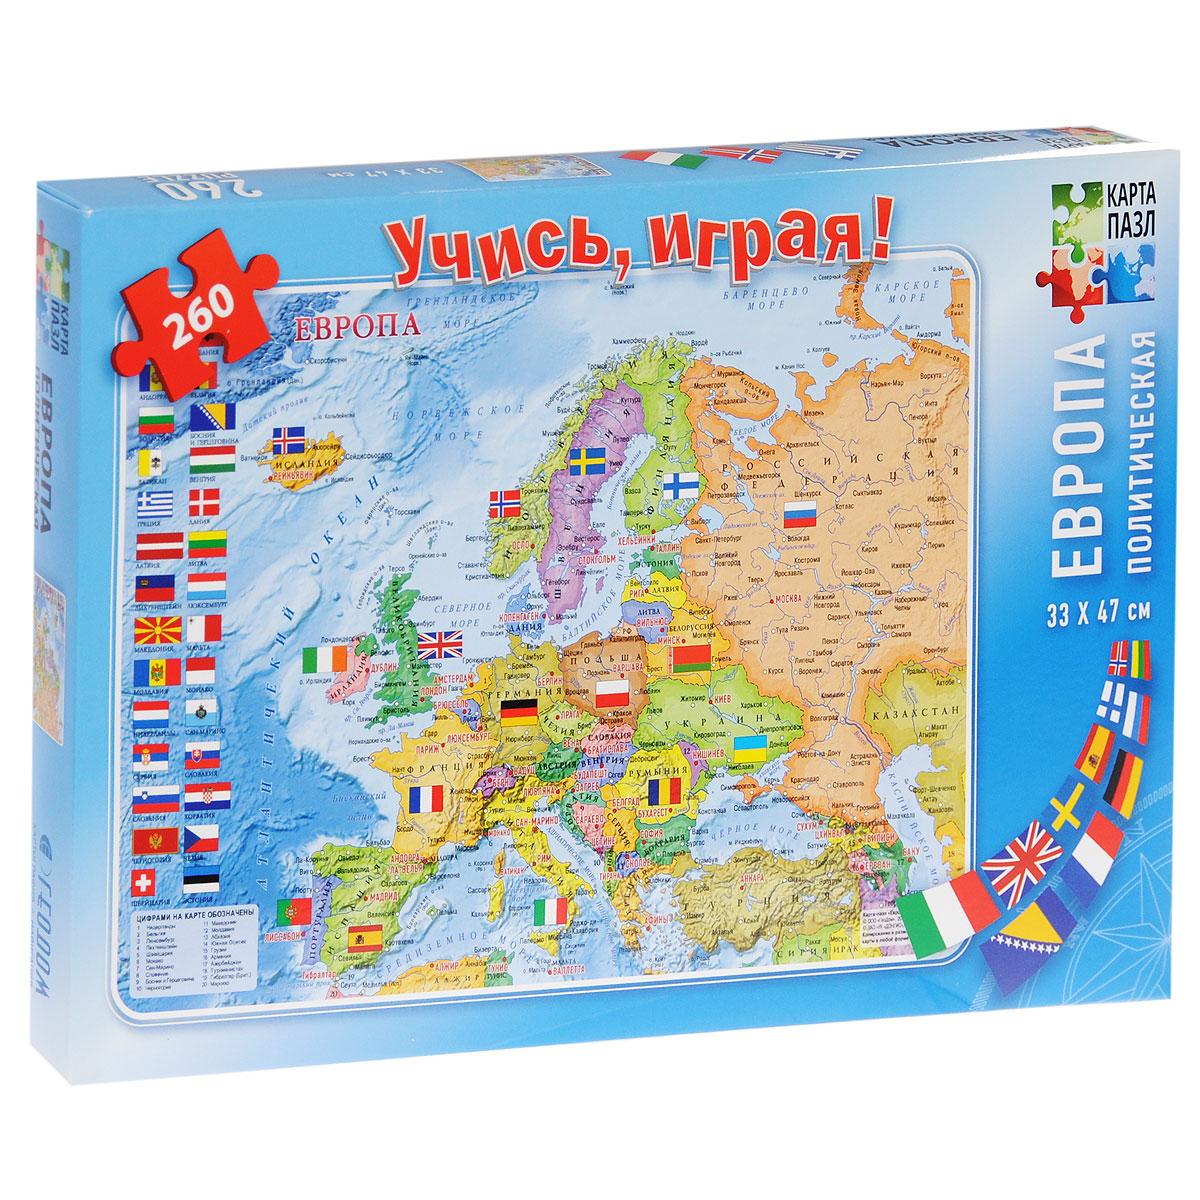 Европа политическая. Пазл-карта, 260 элементов